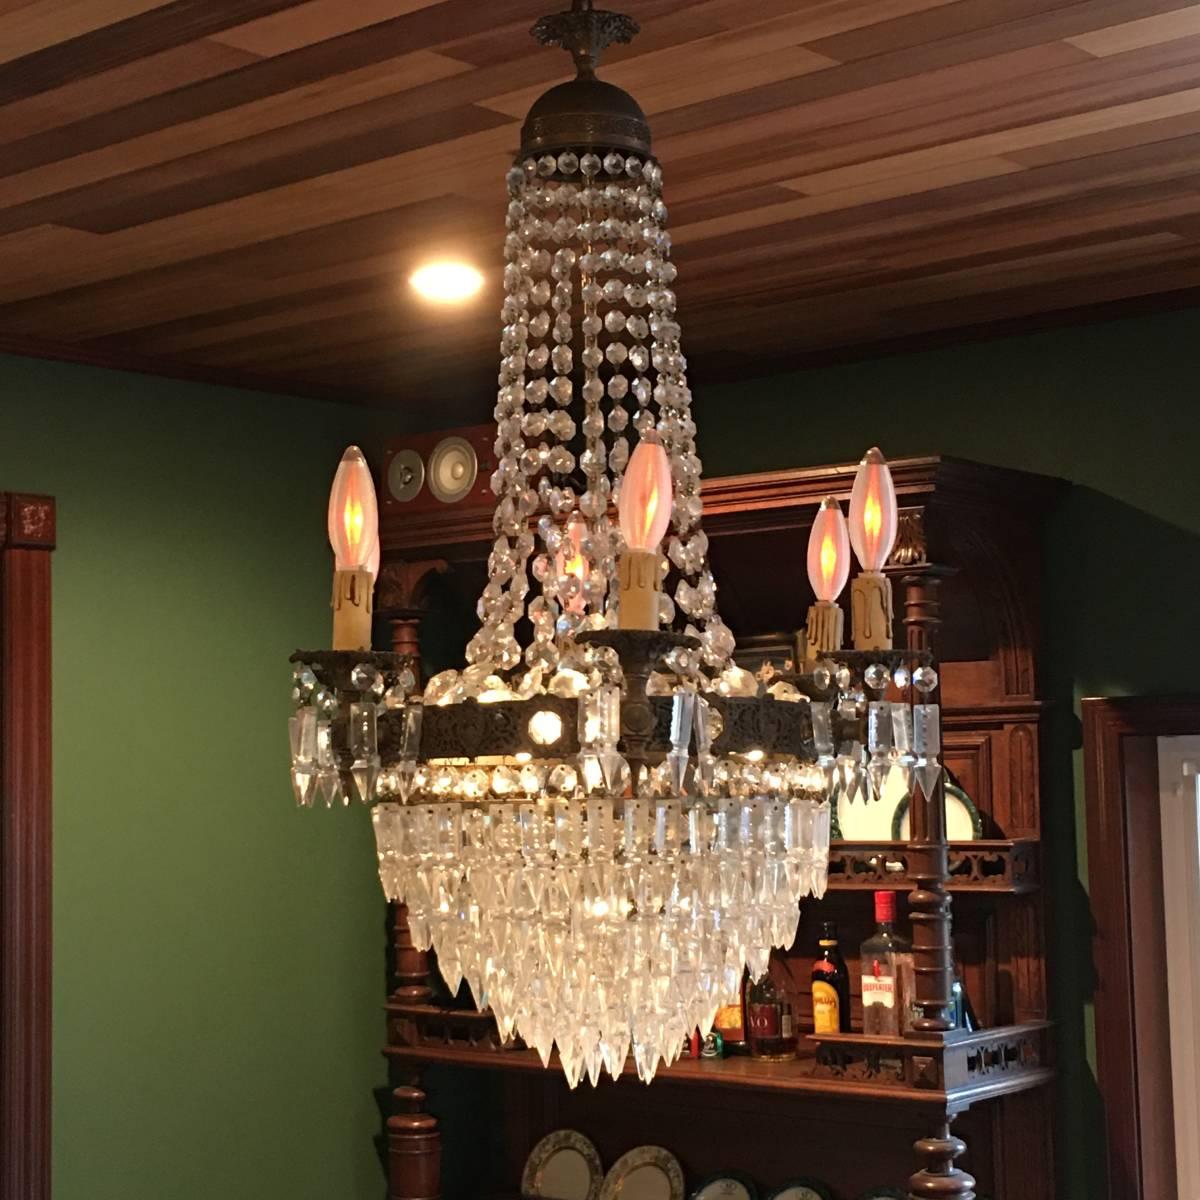 フランスアンティーク シャンデリア 10灯 エンパイア様式 アンティーク照明 アンティーク アンティーク家具 クリスタルシャンデリア_画像3